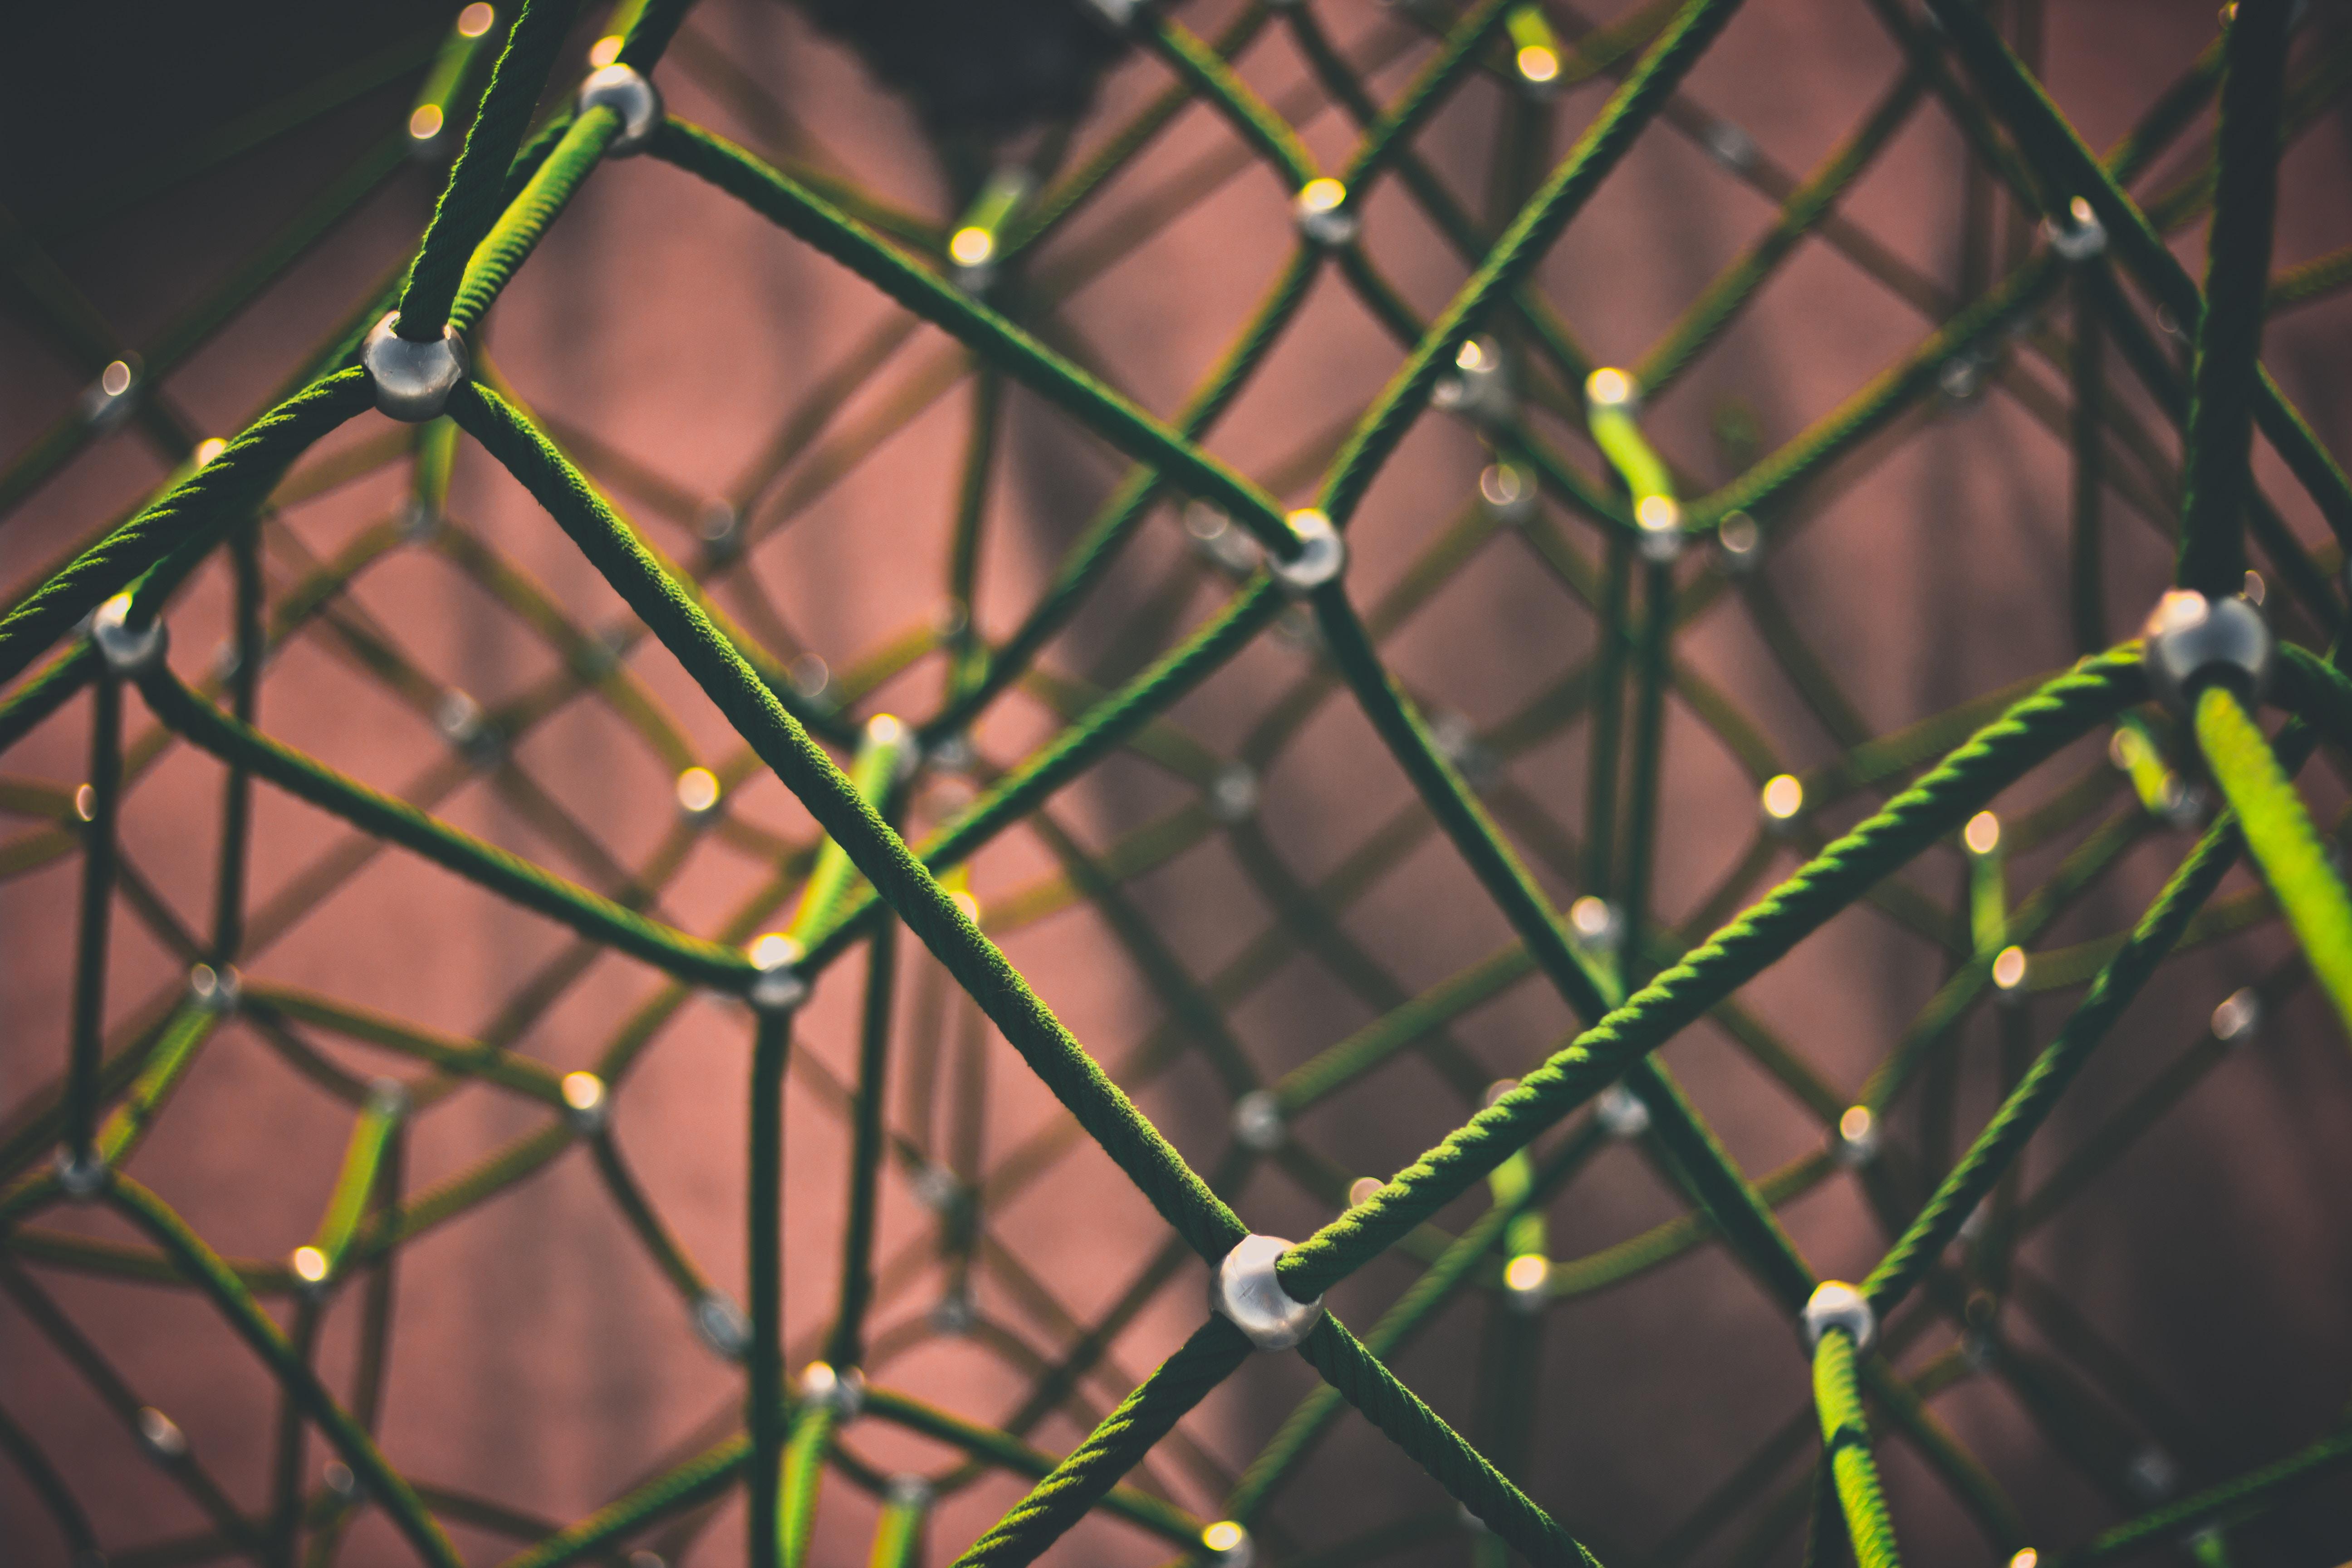 Rope network blockchain